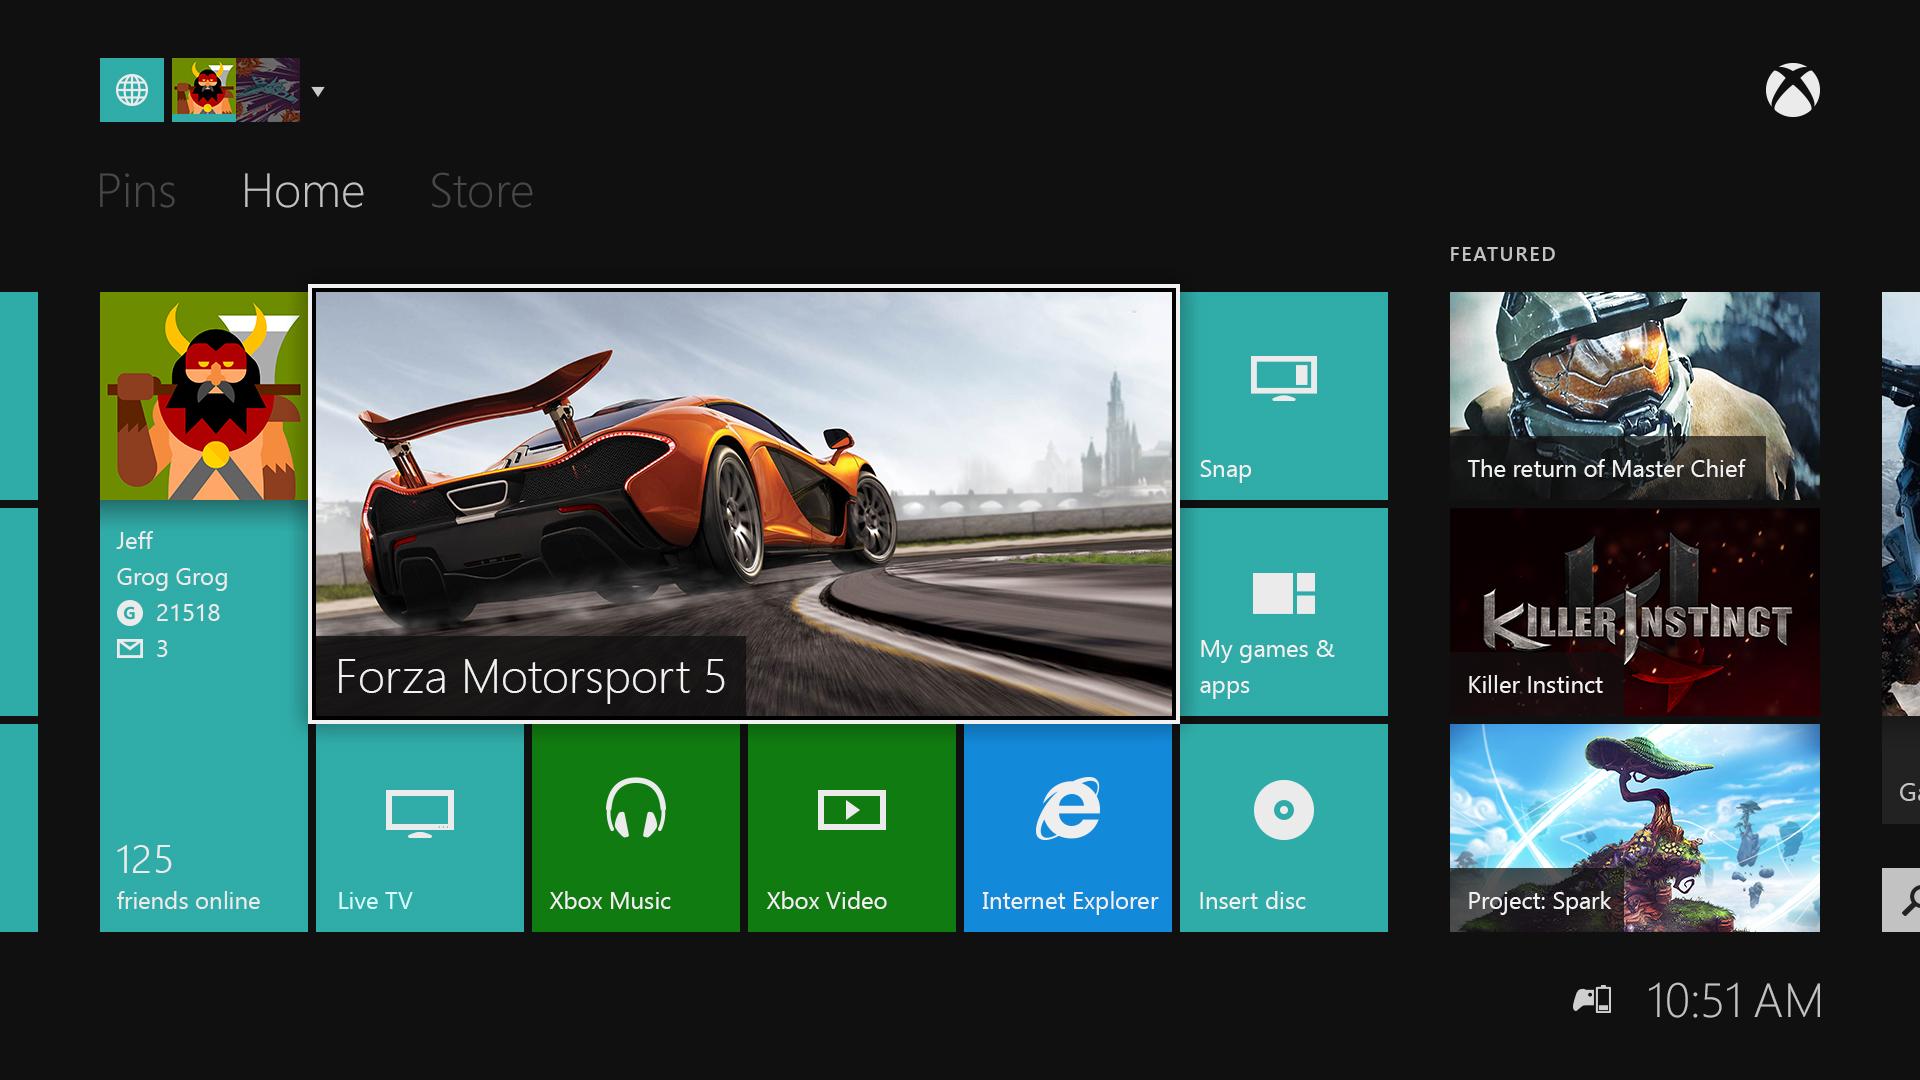 Photo:  Xbox Newswire